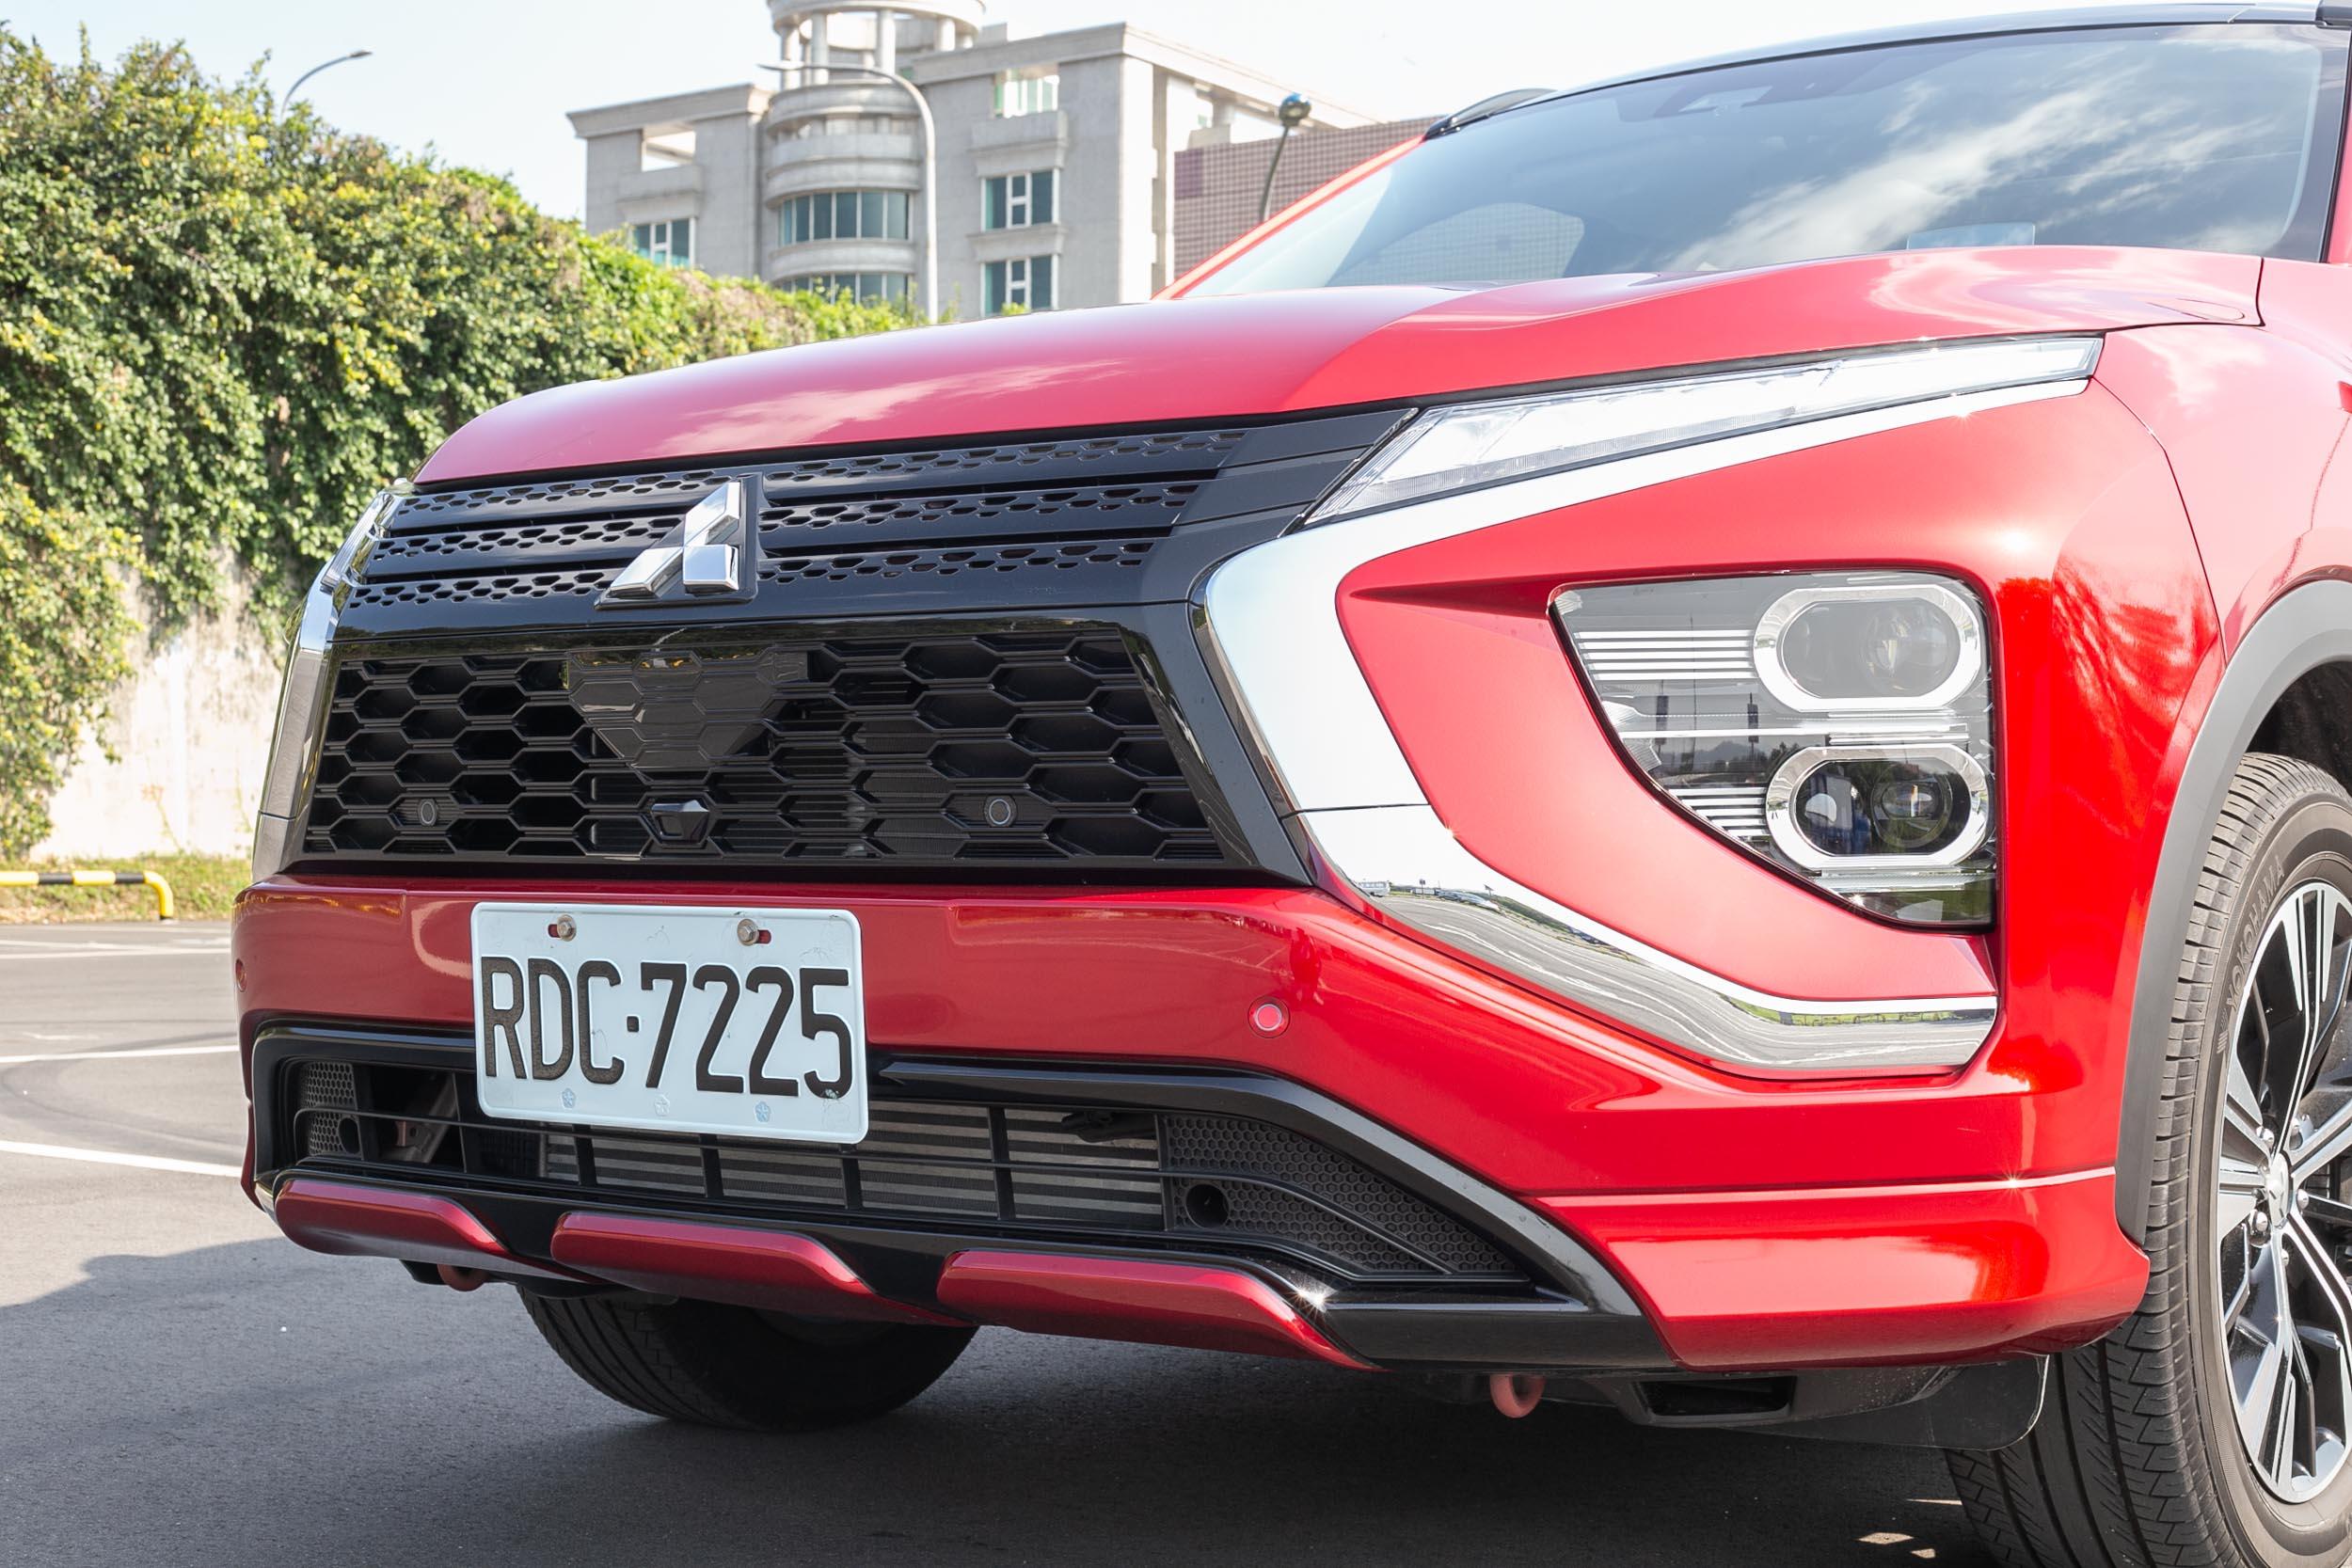 Dynamic Shield設計語彙加上黑化的水箱護罩、多層次照明造型等,讓車頭感受相當具份量與前衛感。